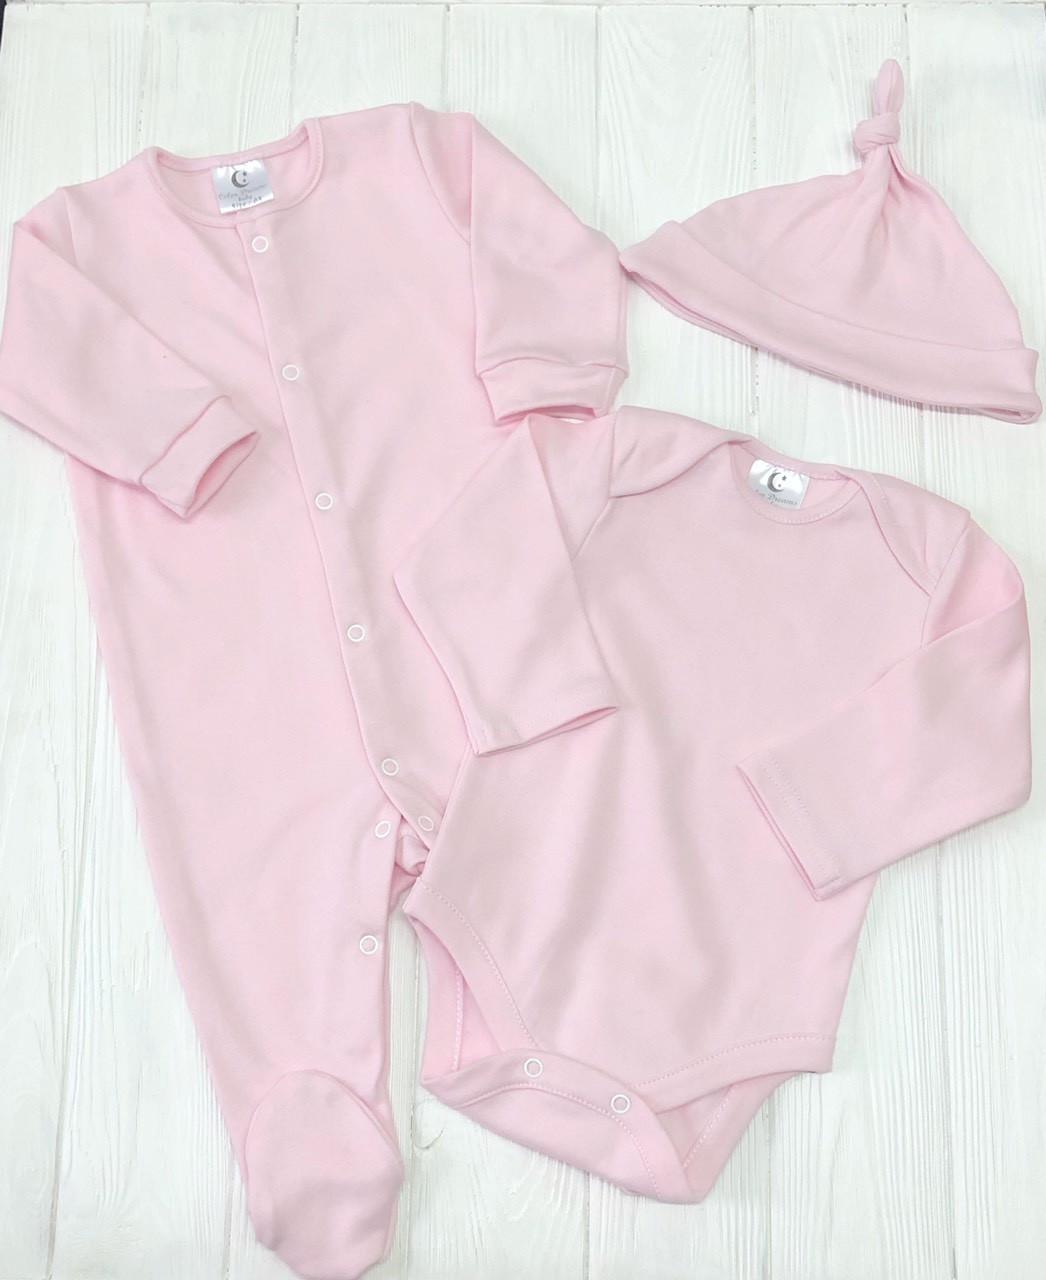 Детский комплект из трех предметов(боди+шапочка+комбинезон) нежного  розового цвета